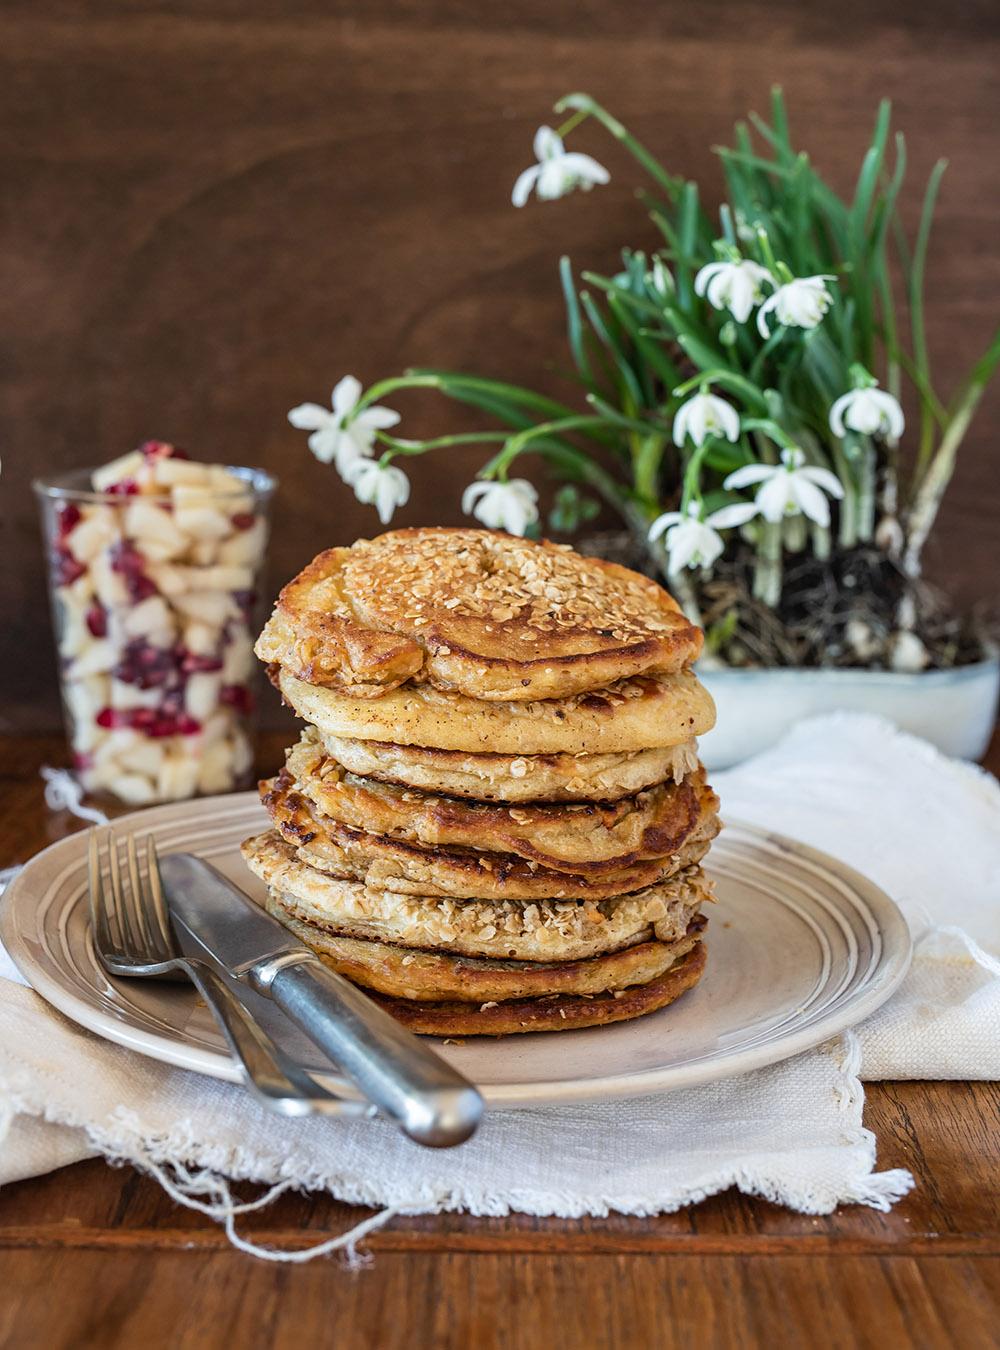 Bircher Müsli Pancakes fluffig weich, mit Hafer Müsli, frischem Obstsalat und Joghurt